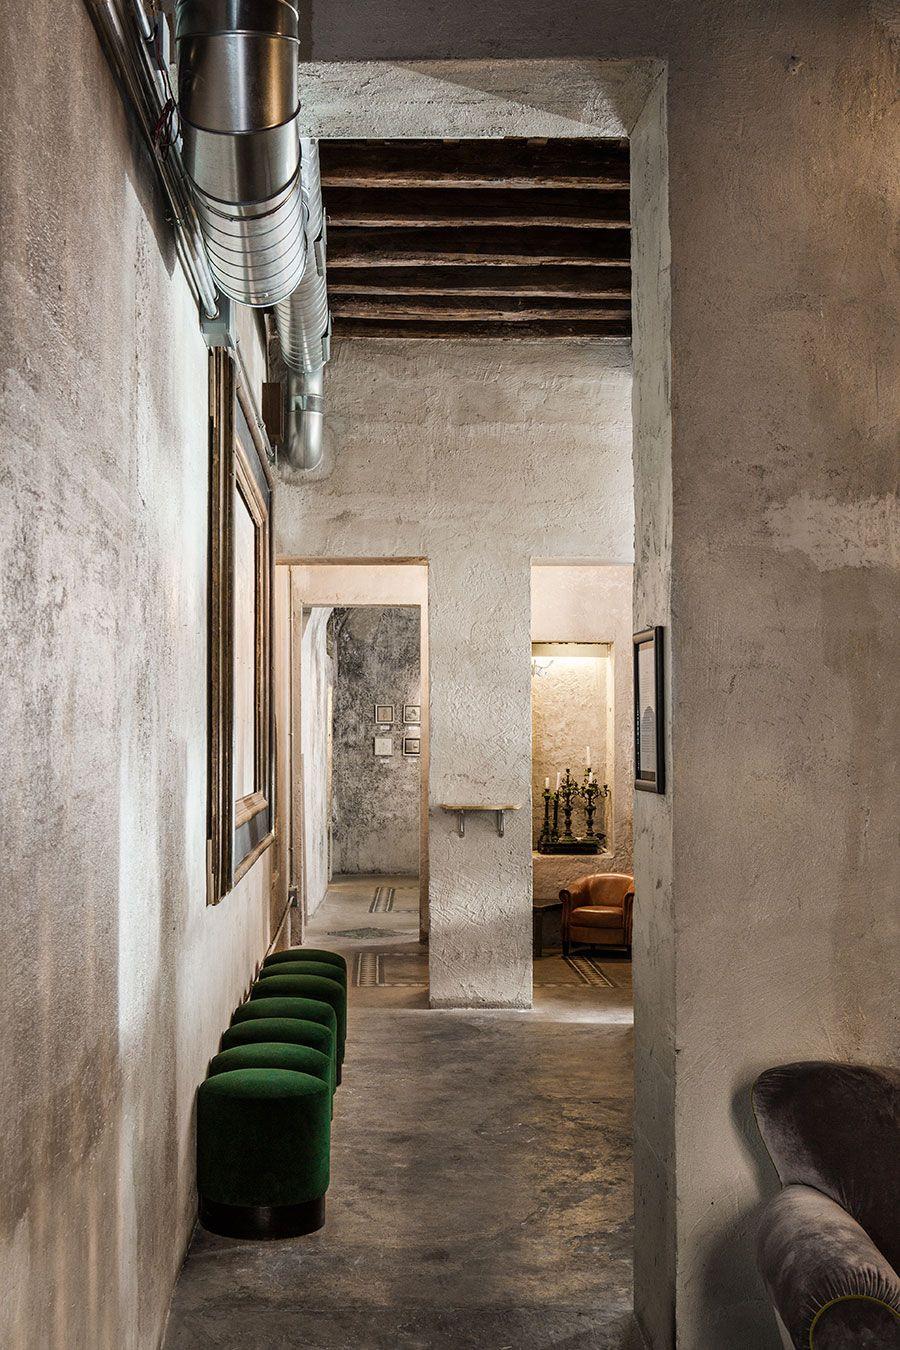 Sacripante art gallery in rome italy by giorgia cerulli for Interior design roma